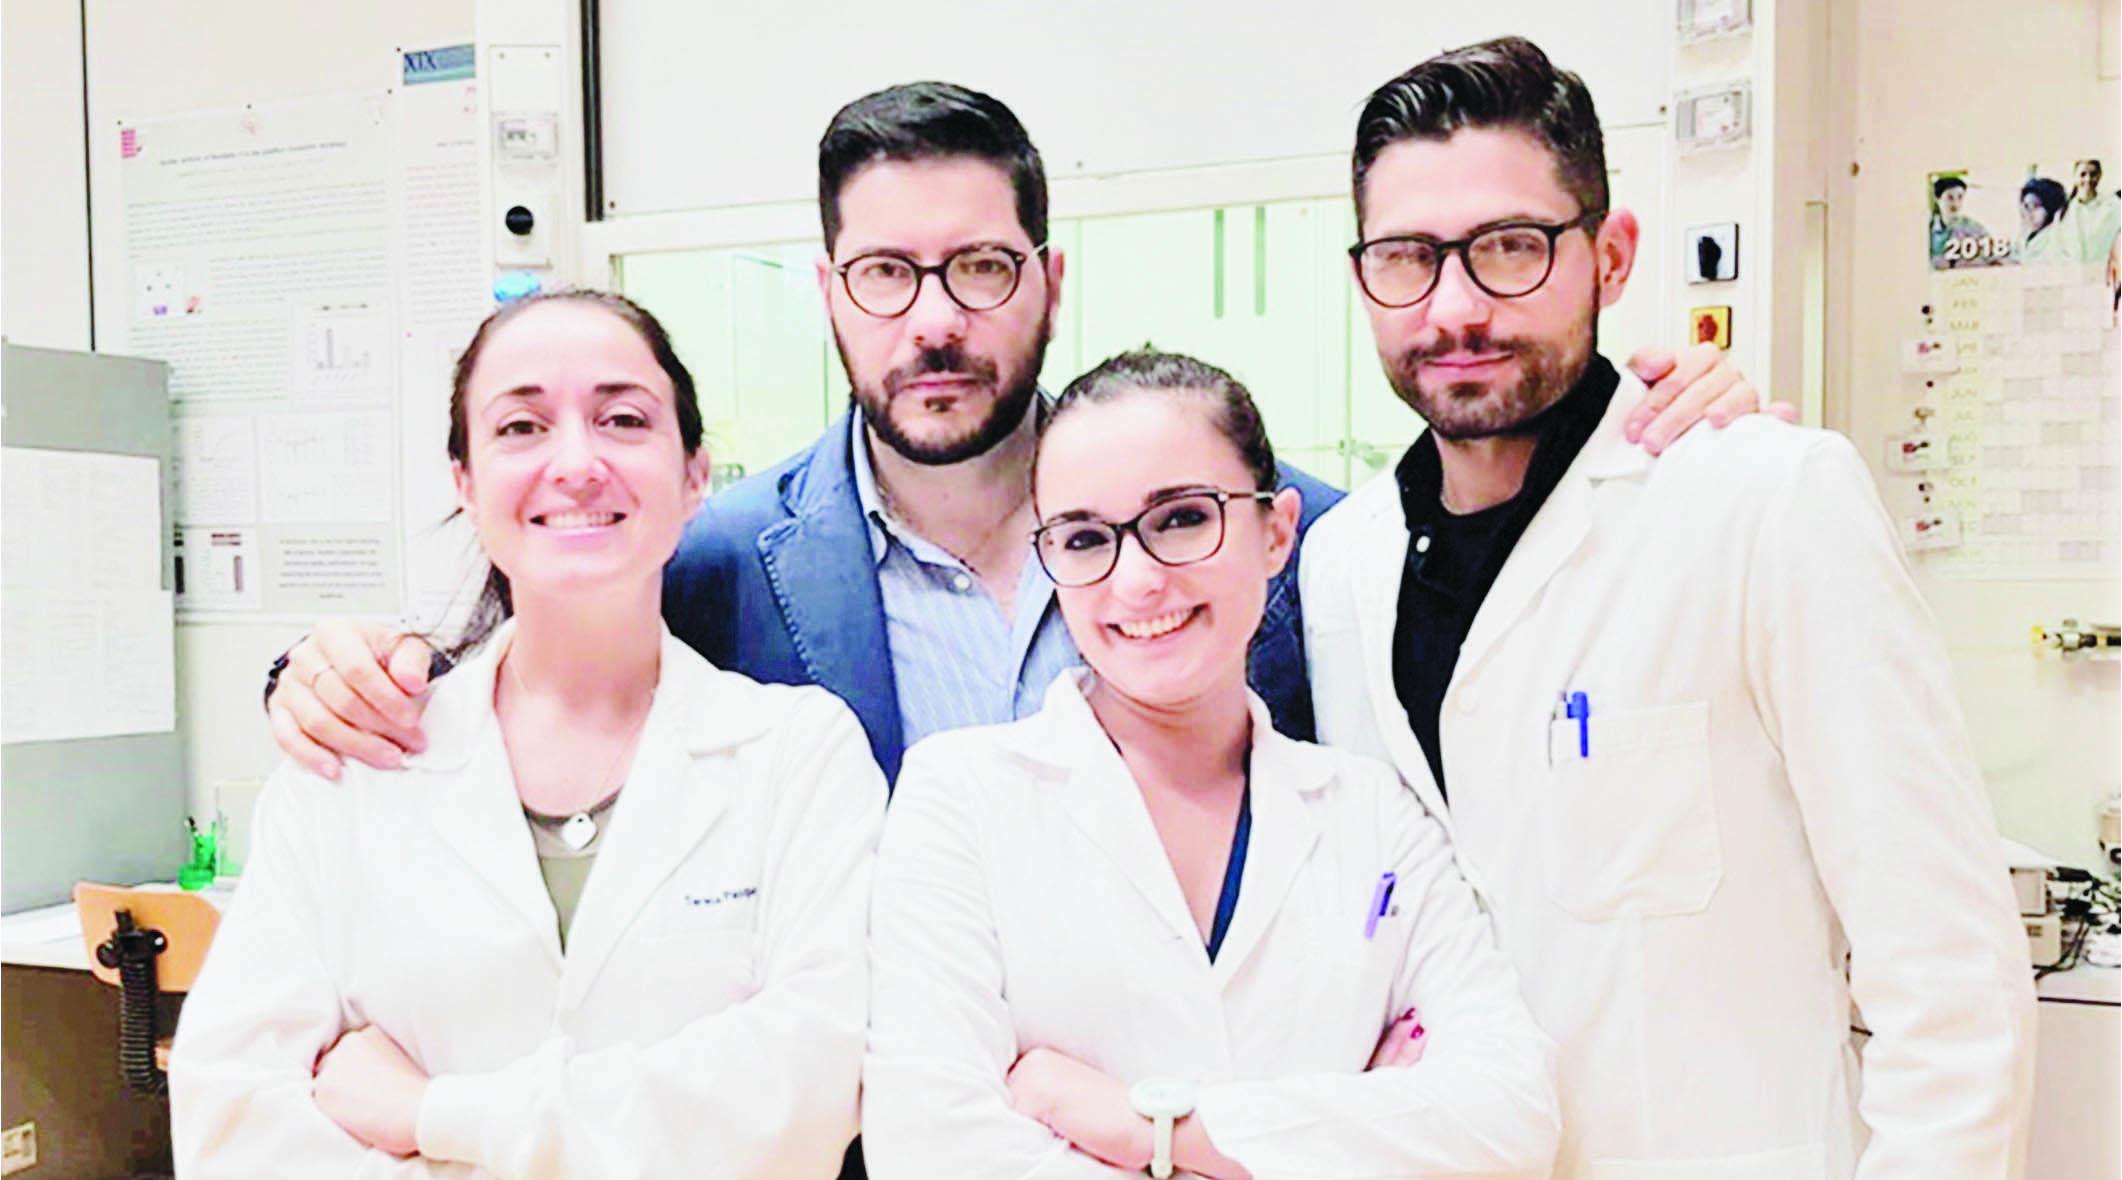 Scoperta una molecola che salva e protegge dall'infartoLa rivoluzione parte dall'Università della Calabria